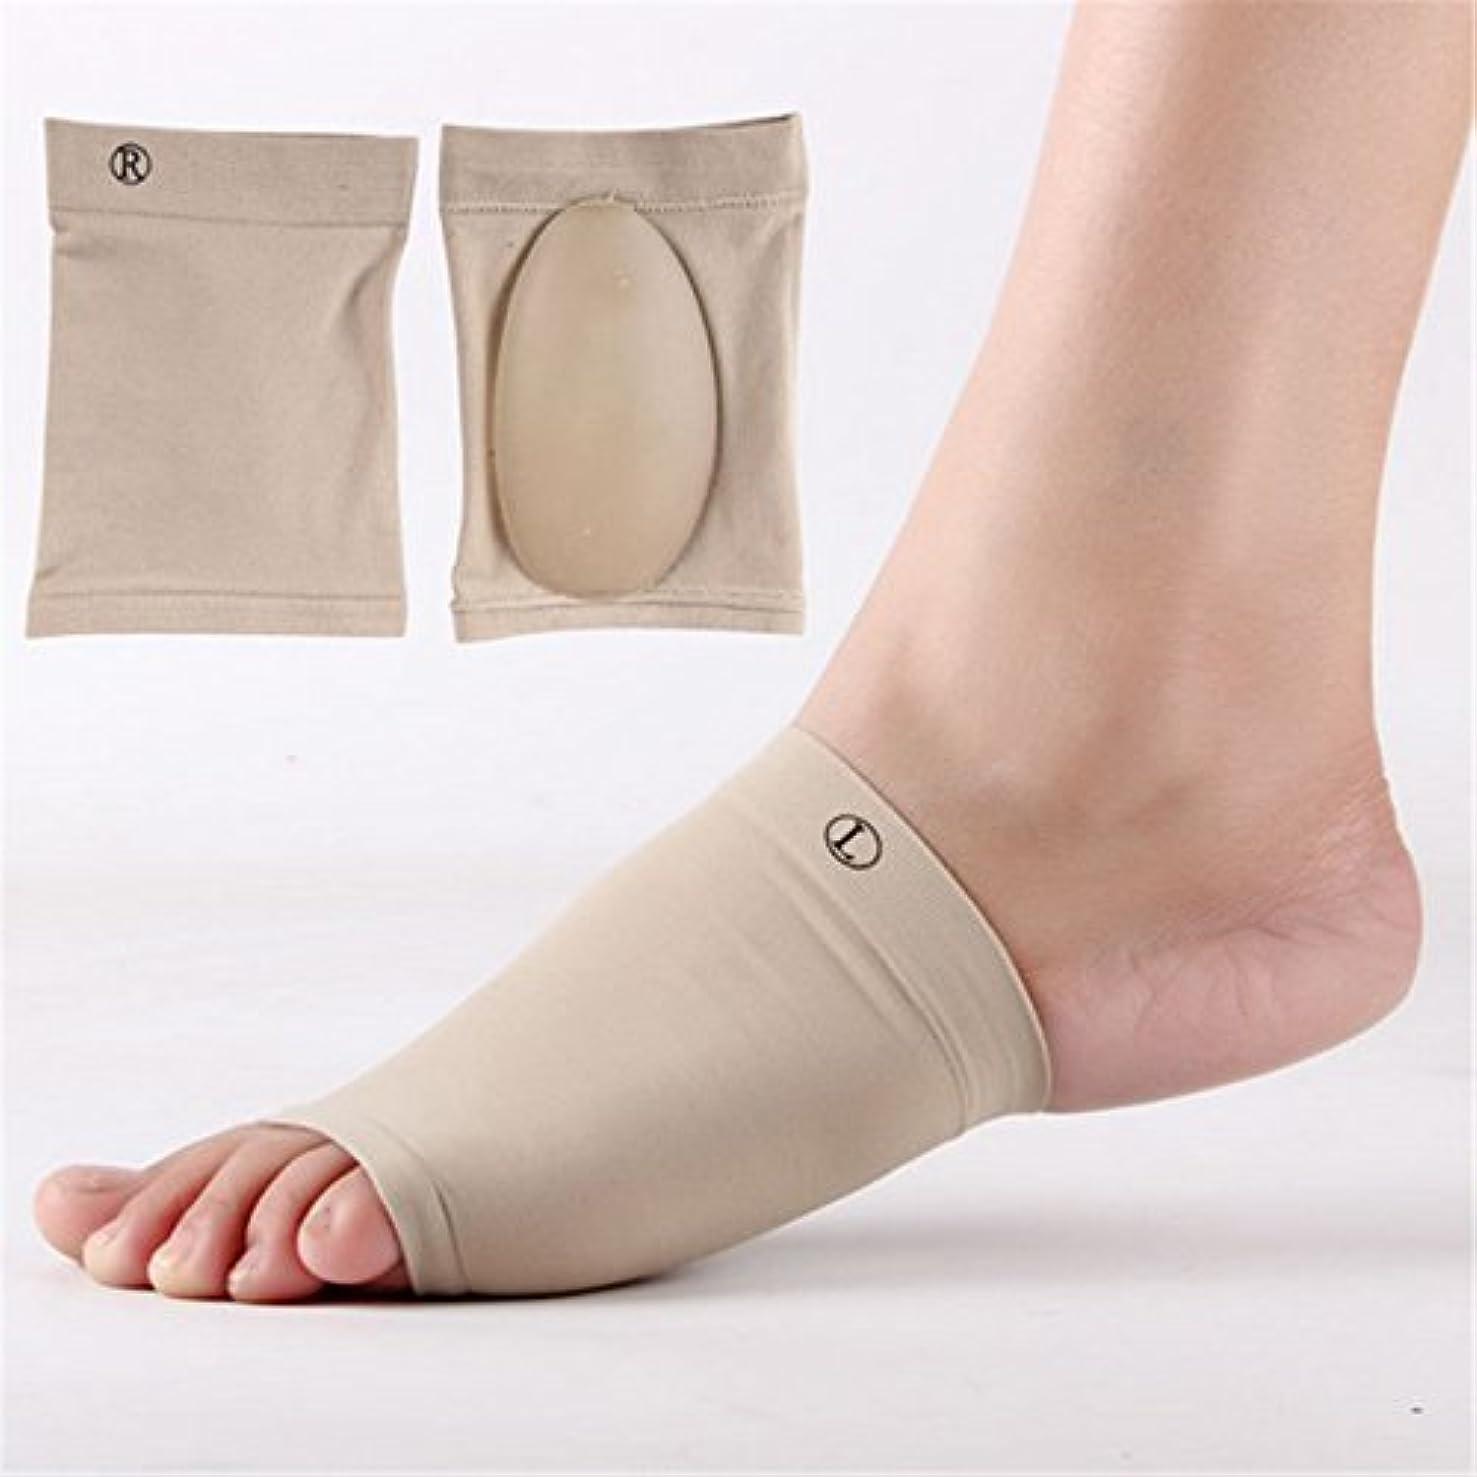 デッドシャープ大Lorny(TM)1Pairジェル足底筋膜炎アーチサポートスリーブアーチソックスかかとクッションフラット足の整形外科靴パッドフットケア [並行輸入品]